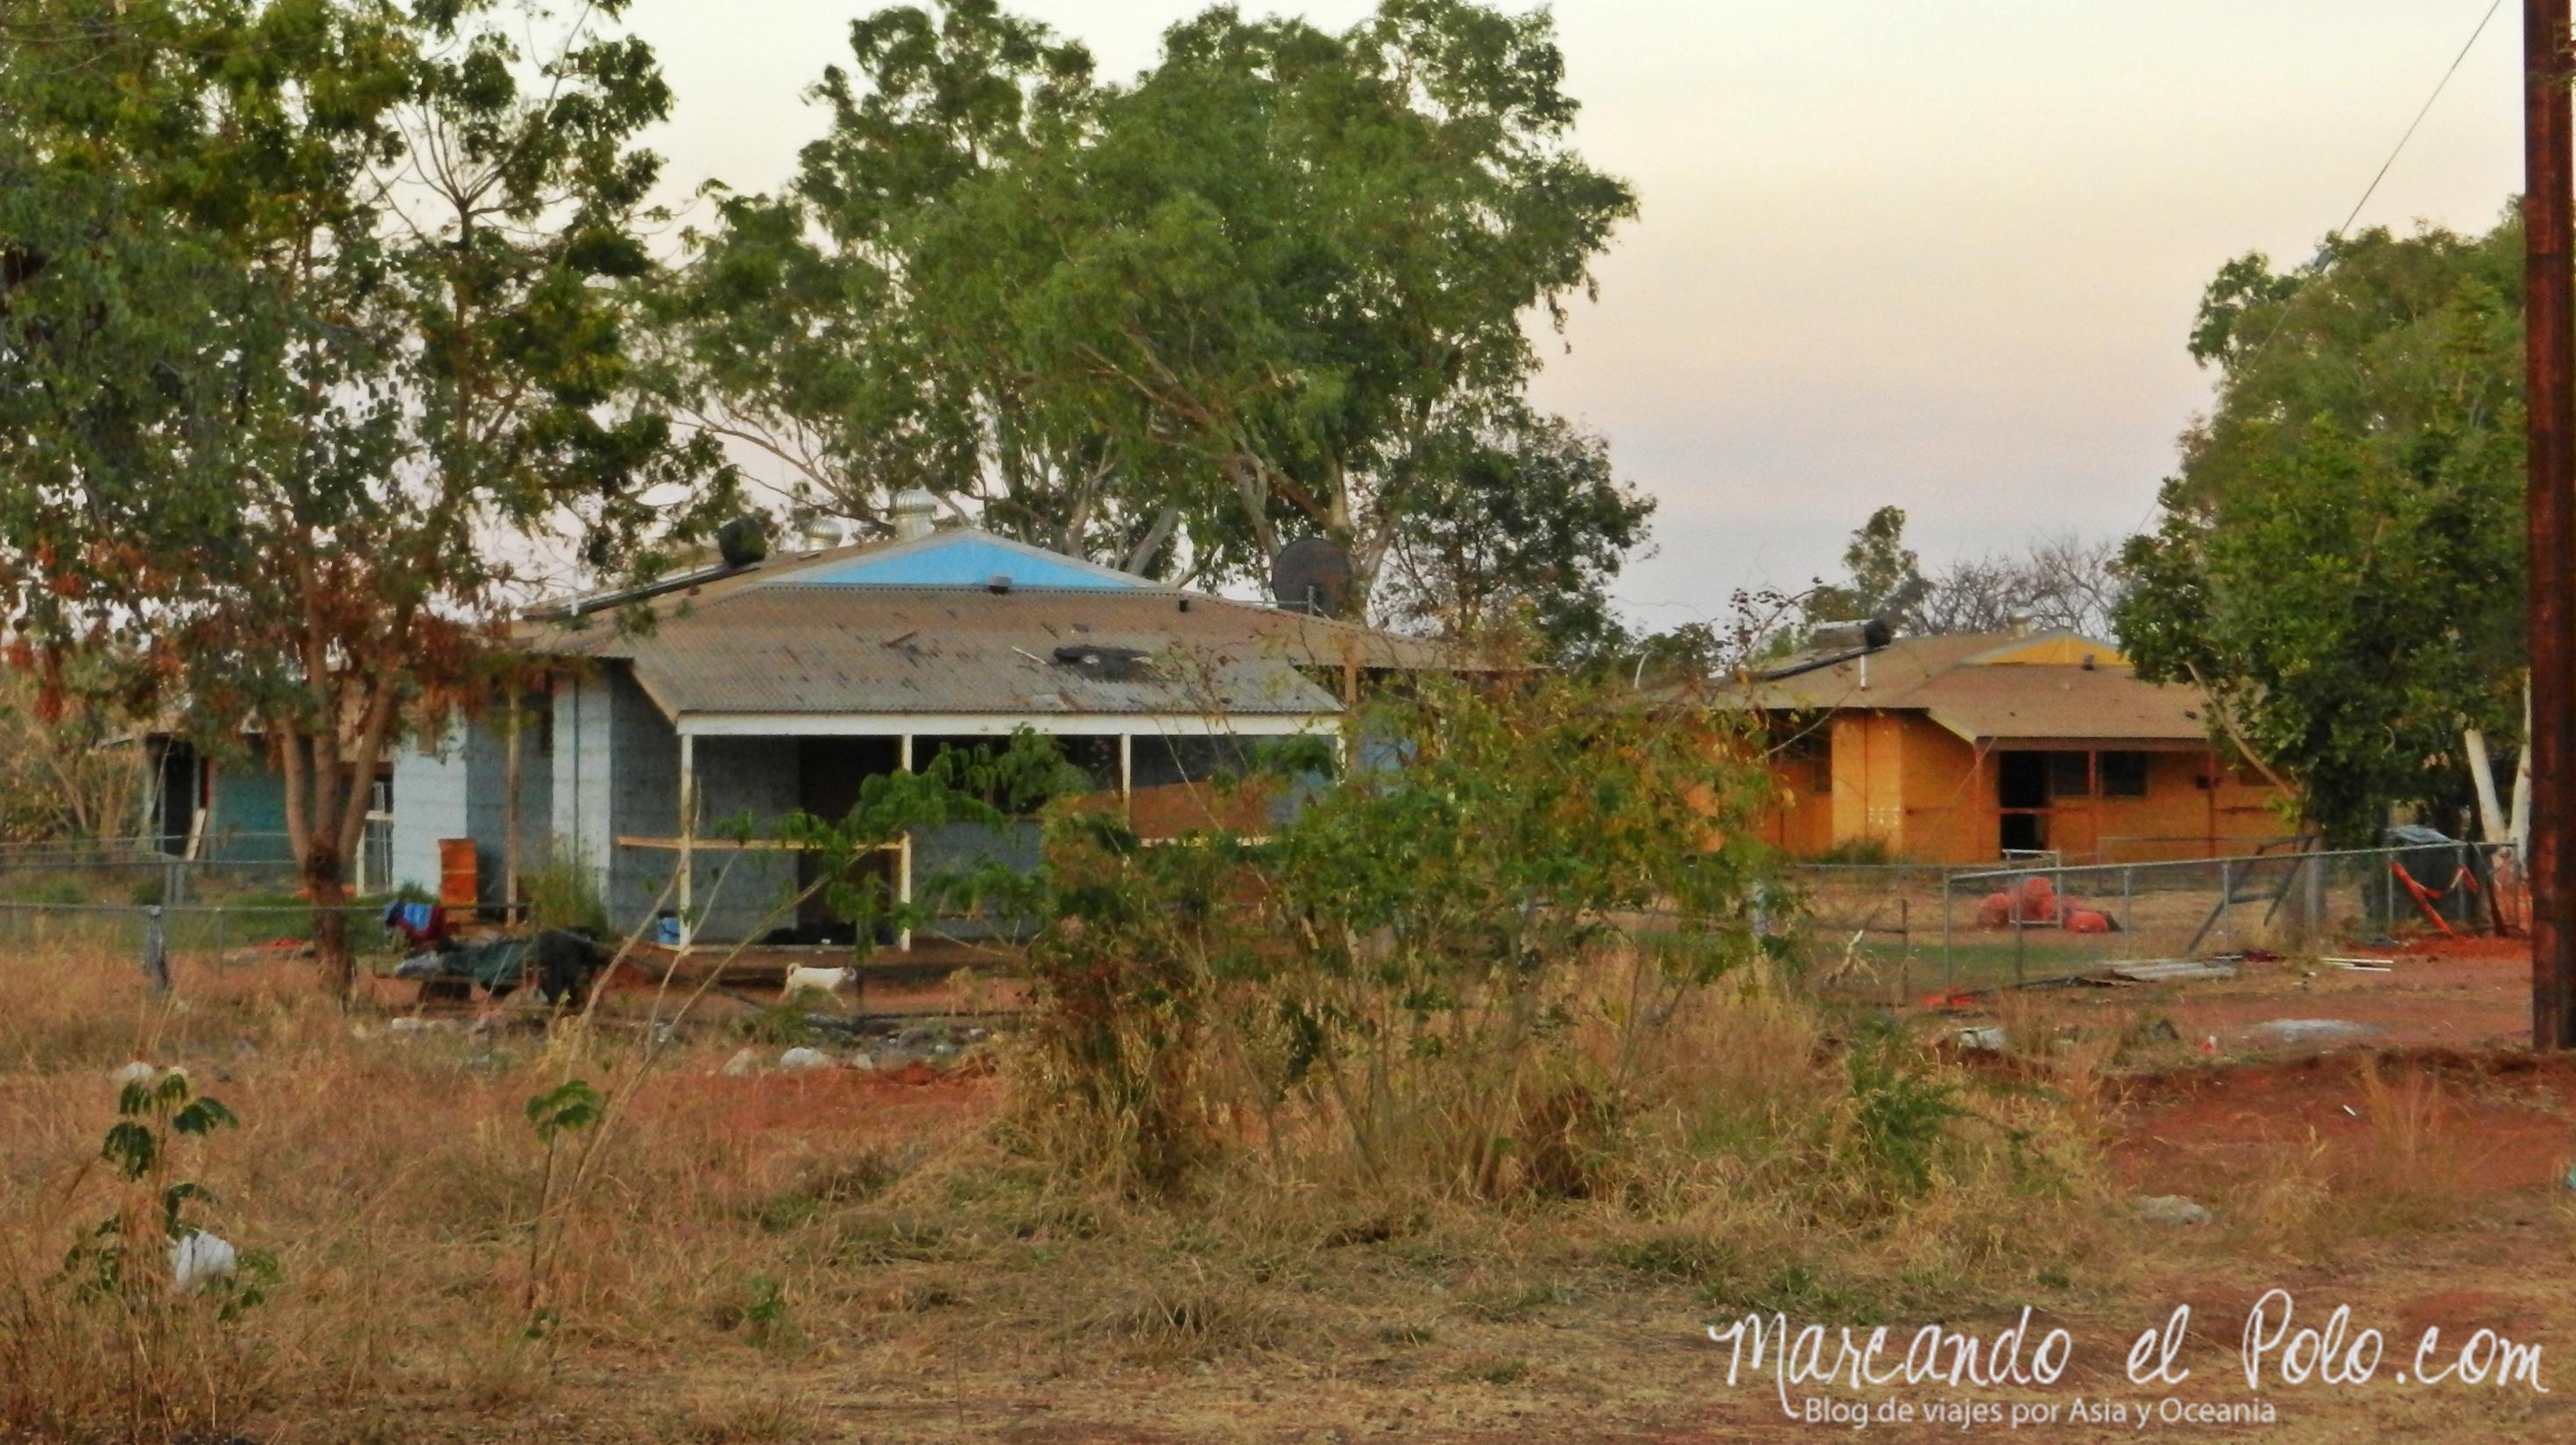 El lejano Oeste australiano: casas de Derby